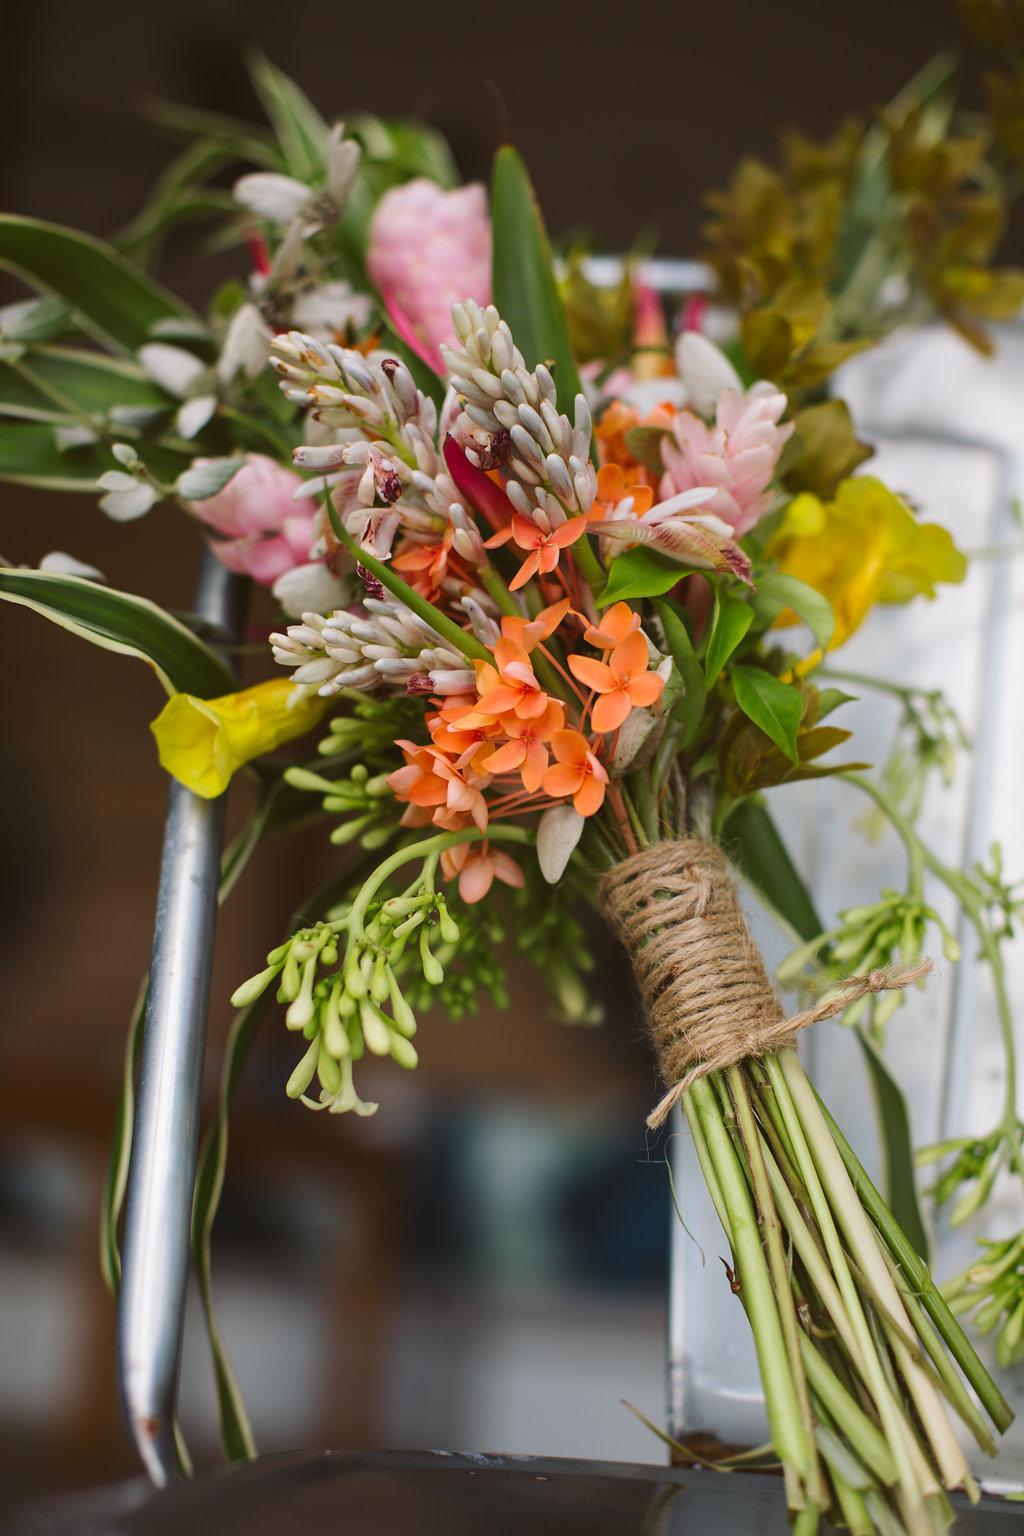 FijiWedding Bouquet - Luxury Fiji Wedding or Elopement - The Remote Resort Fiji Islands - Off the beaten path ceremonies - Tropical Flowers